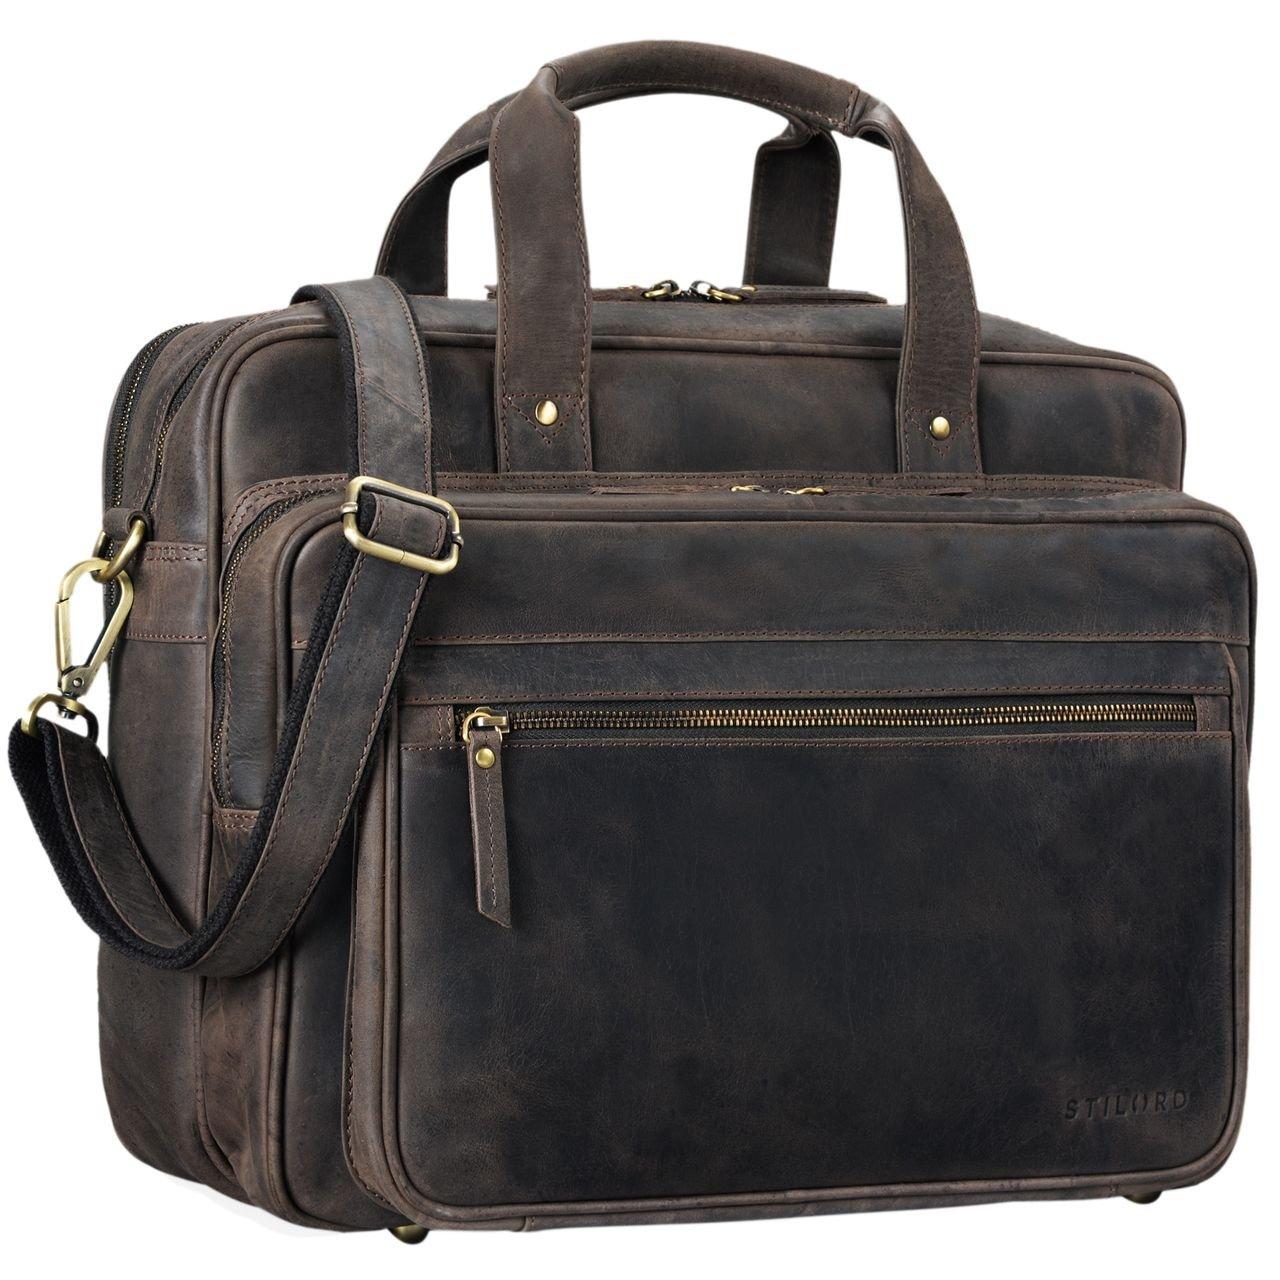 STILORD 'Walt' Vintage Aktentasche Leder Herren Damen Lehrertasche XL groß Büro Business Umhängetasche für 15,6 Zoll Laptop Echt Leder , Farbe:dunkel - braun